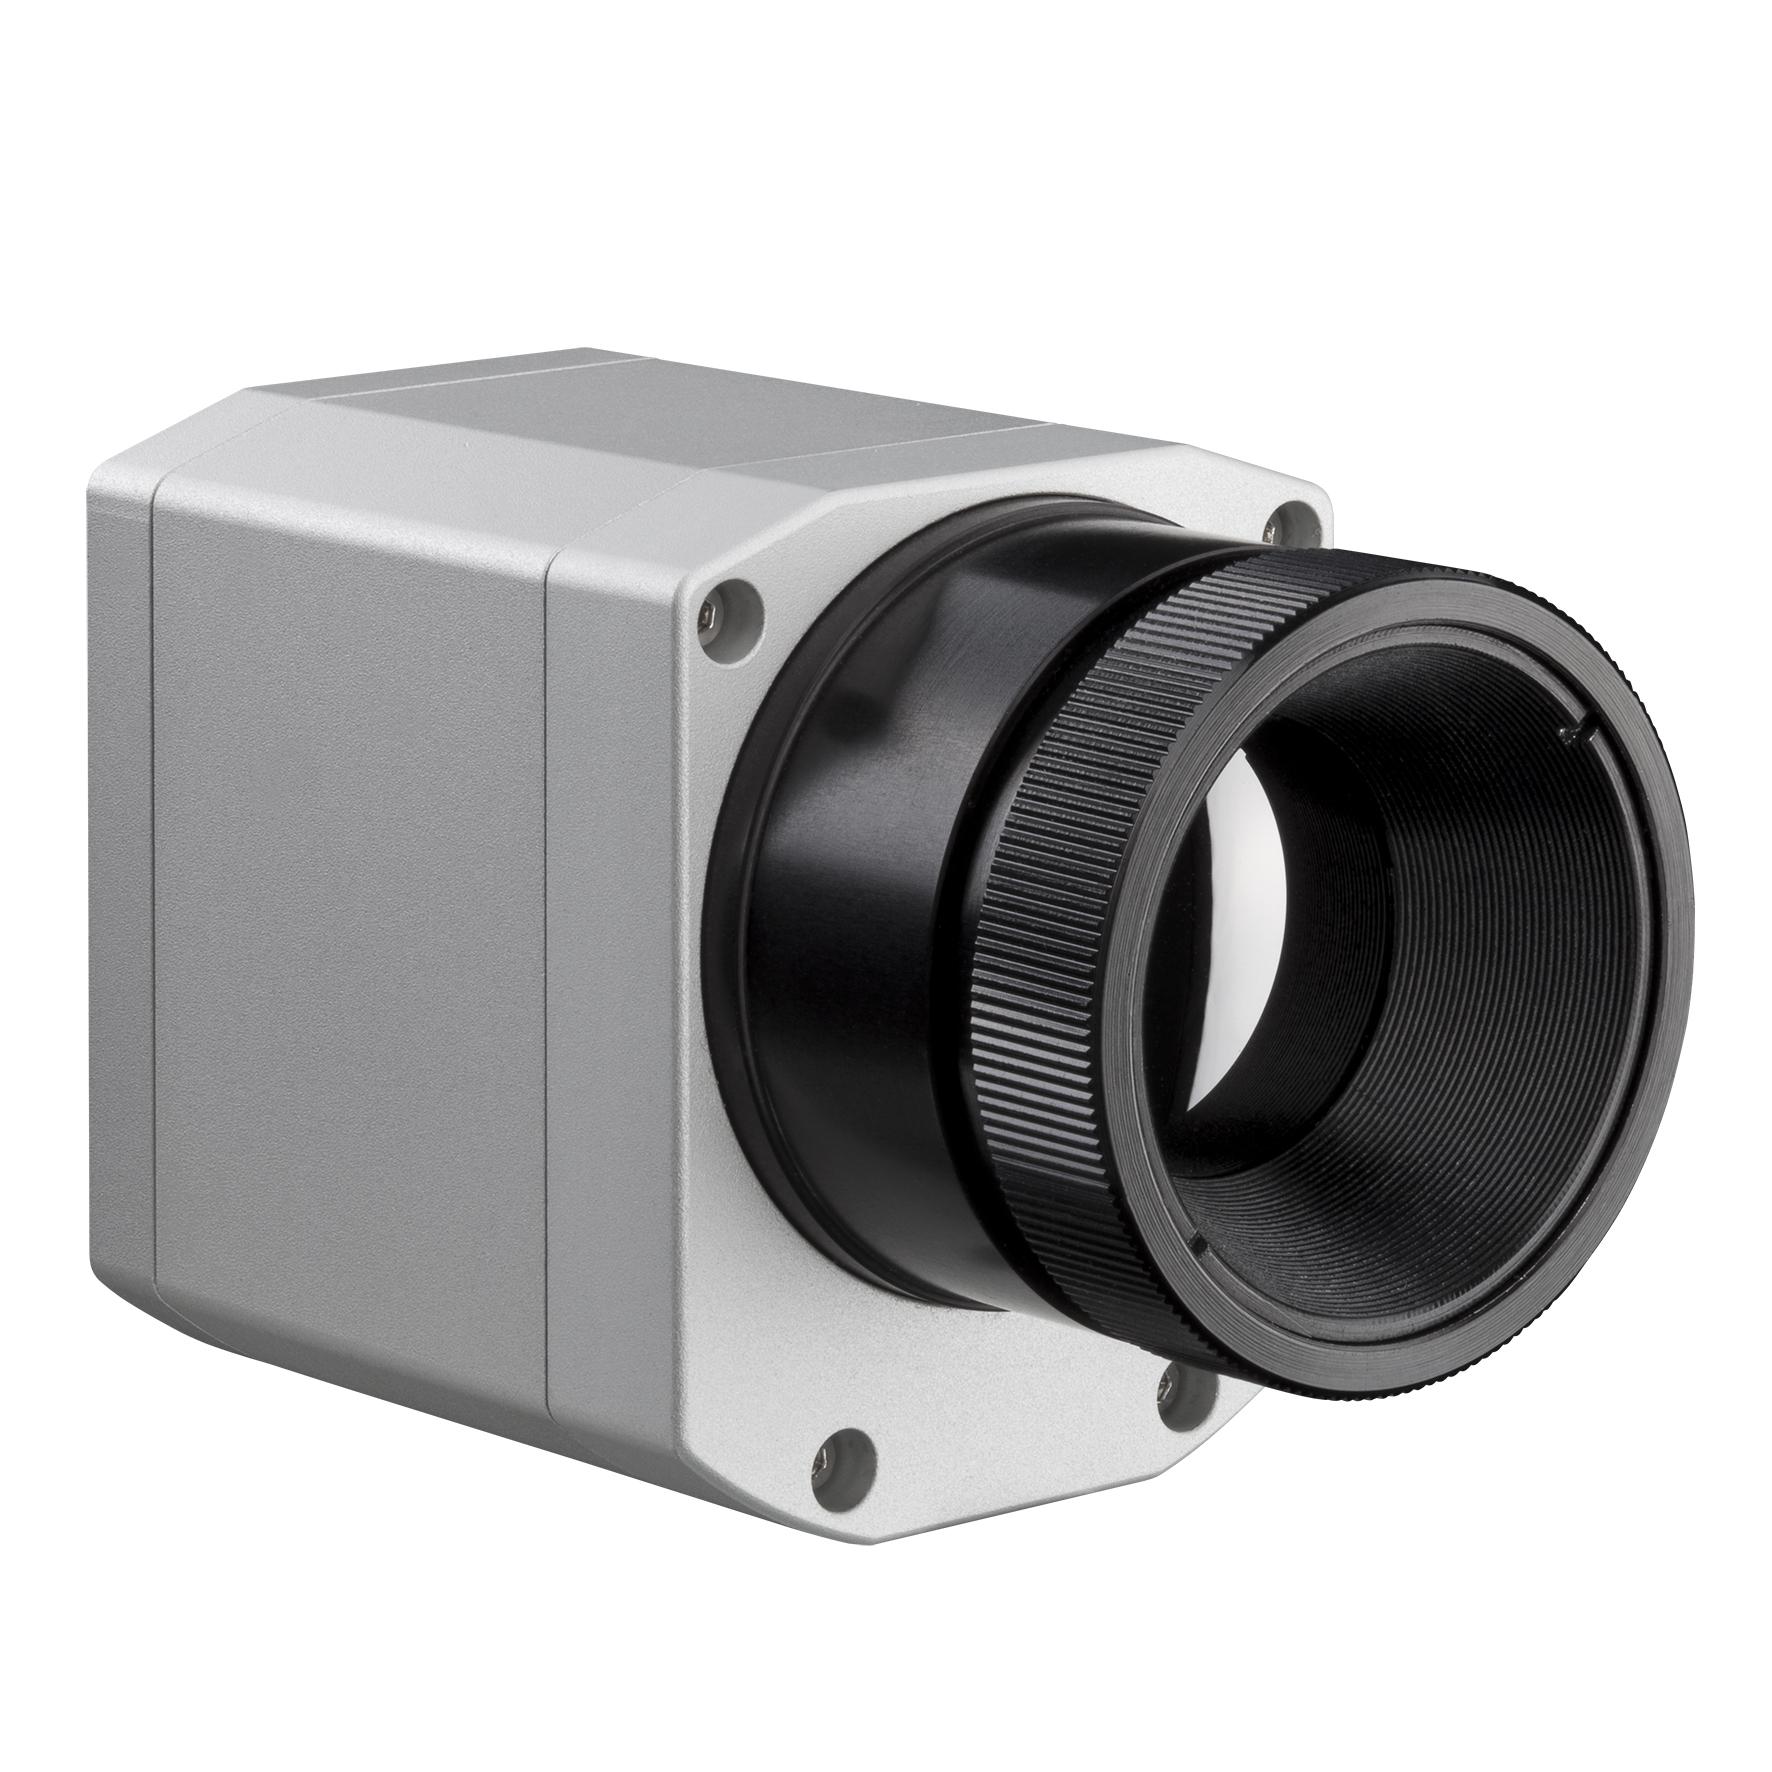 IR camera optris PI 640